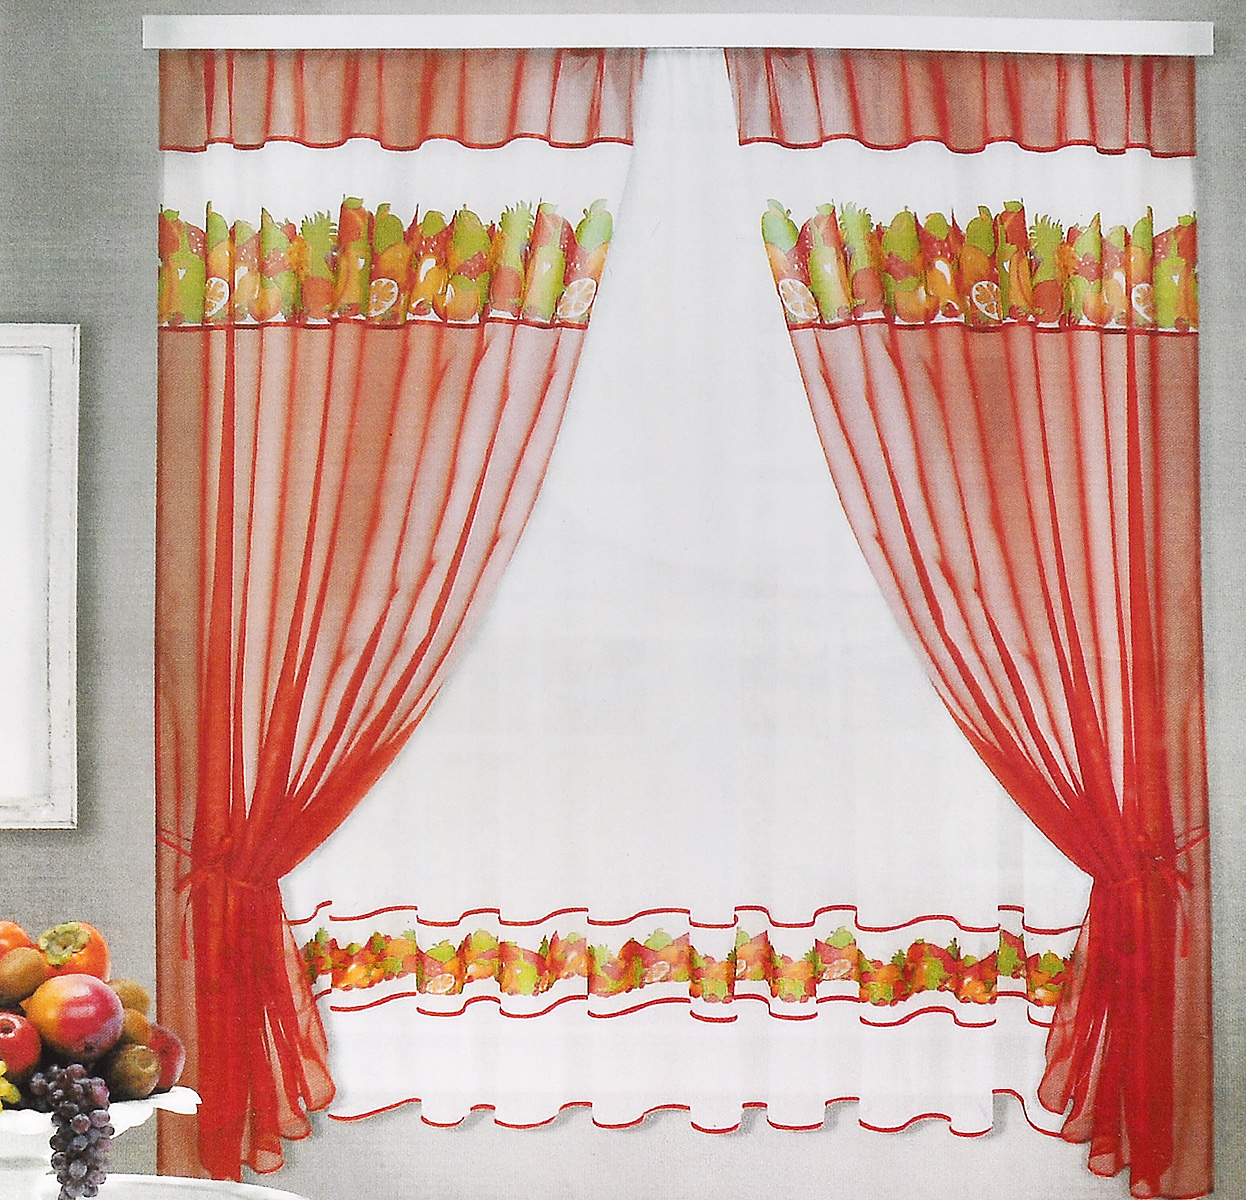 Комплект штор для кухни ТД Текстиль Фруктовая поляна, на ленте, цвет: оранжевый, белый, 5 предметов86157_оранжевыйКомплект штор для кухни ТД Текстиль Фруктовая поляна, выполненный из вуалевого полотна (100% полиэстер), великолепно украсит любое окно. Комплект состоит из тюля, двух штор и двух подхватов. Оригинальный дизайн и яркая цветовая гамма привлекут к себе внимание и органично впишутся в интерьер помещения.Комплект крепится на карниз при помощи ленты, которая поможет красиво и равномерно задрапировать верх. Комплект будет долгое время радовать вас и вашу семью!